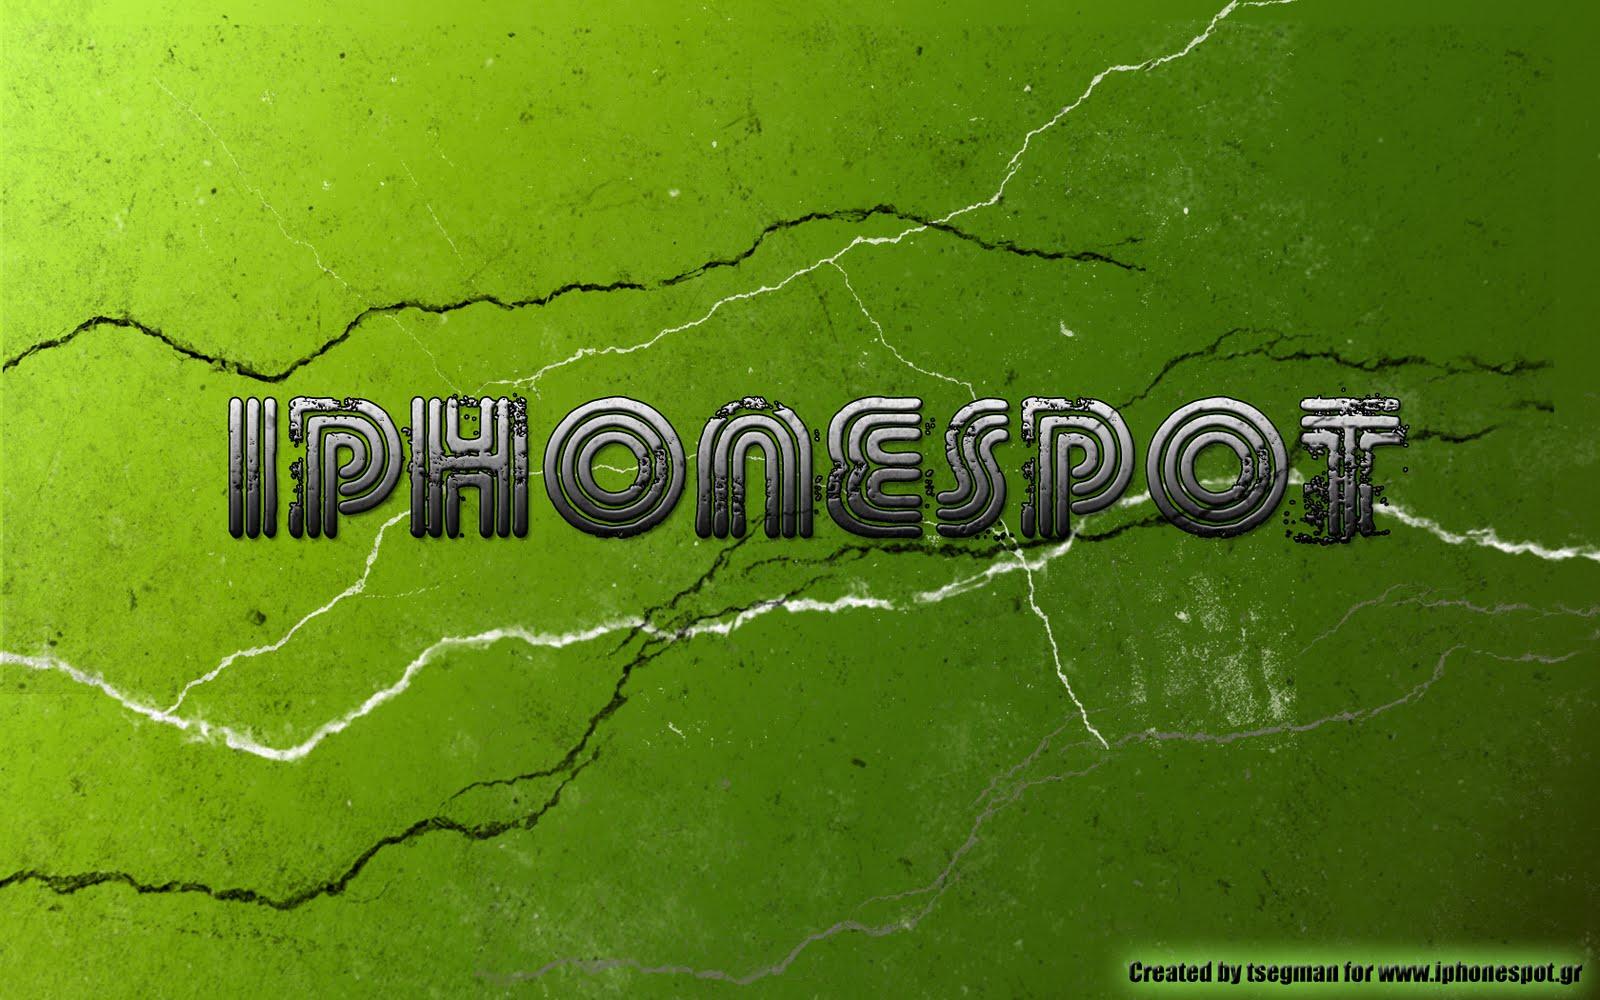 http://1.bp.blogspot.com/_krnonXsTT2s/S5qfsbKHtgI/AAAAAAAAA3c/vAPhivmtPzU/s1600/iphonespot-wallpaper-green.jpg